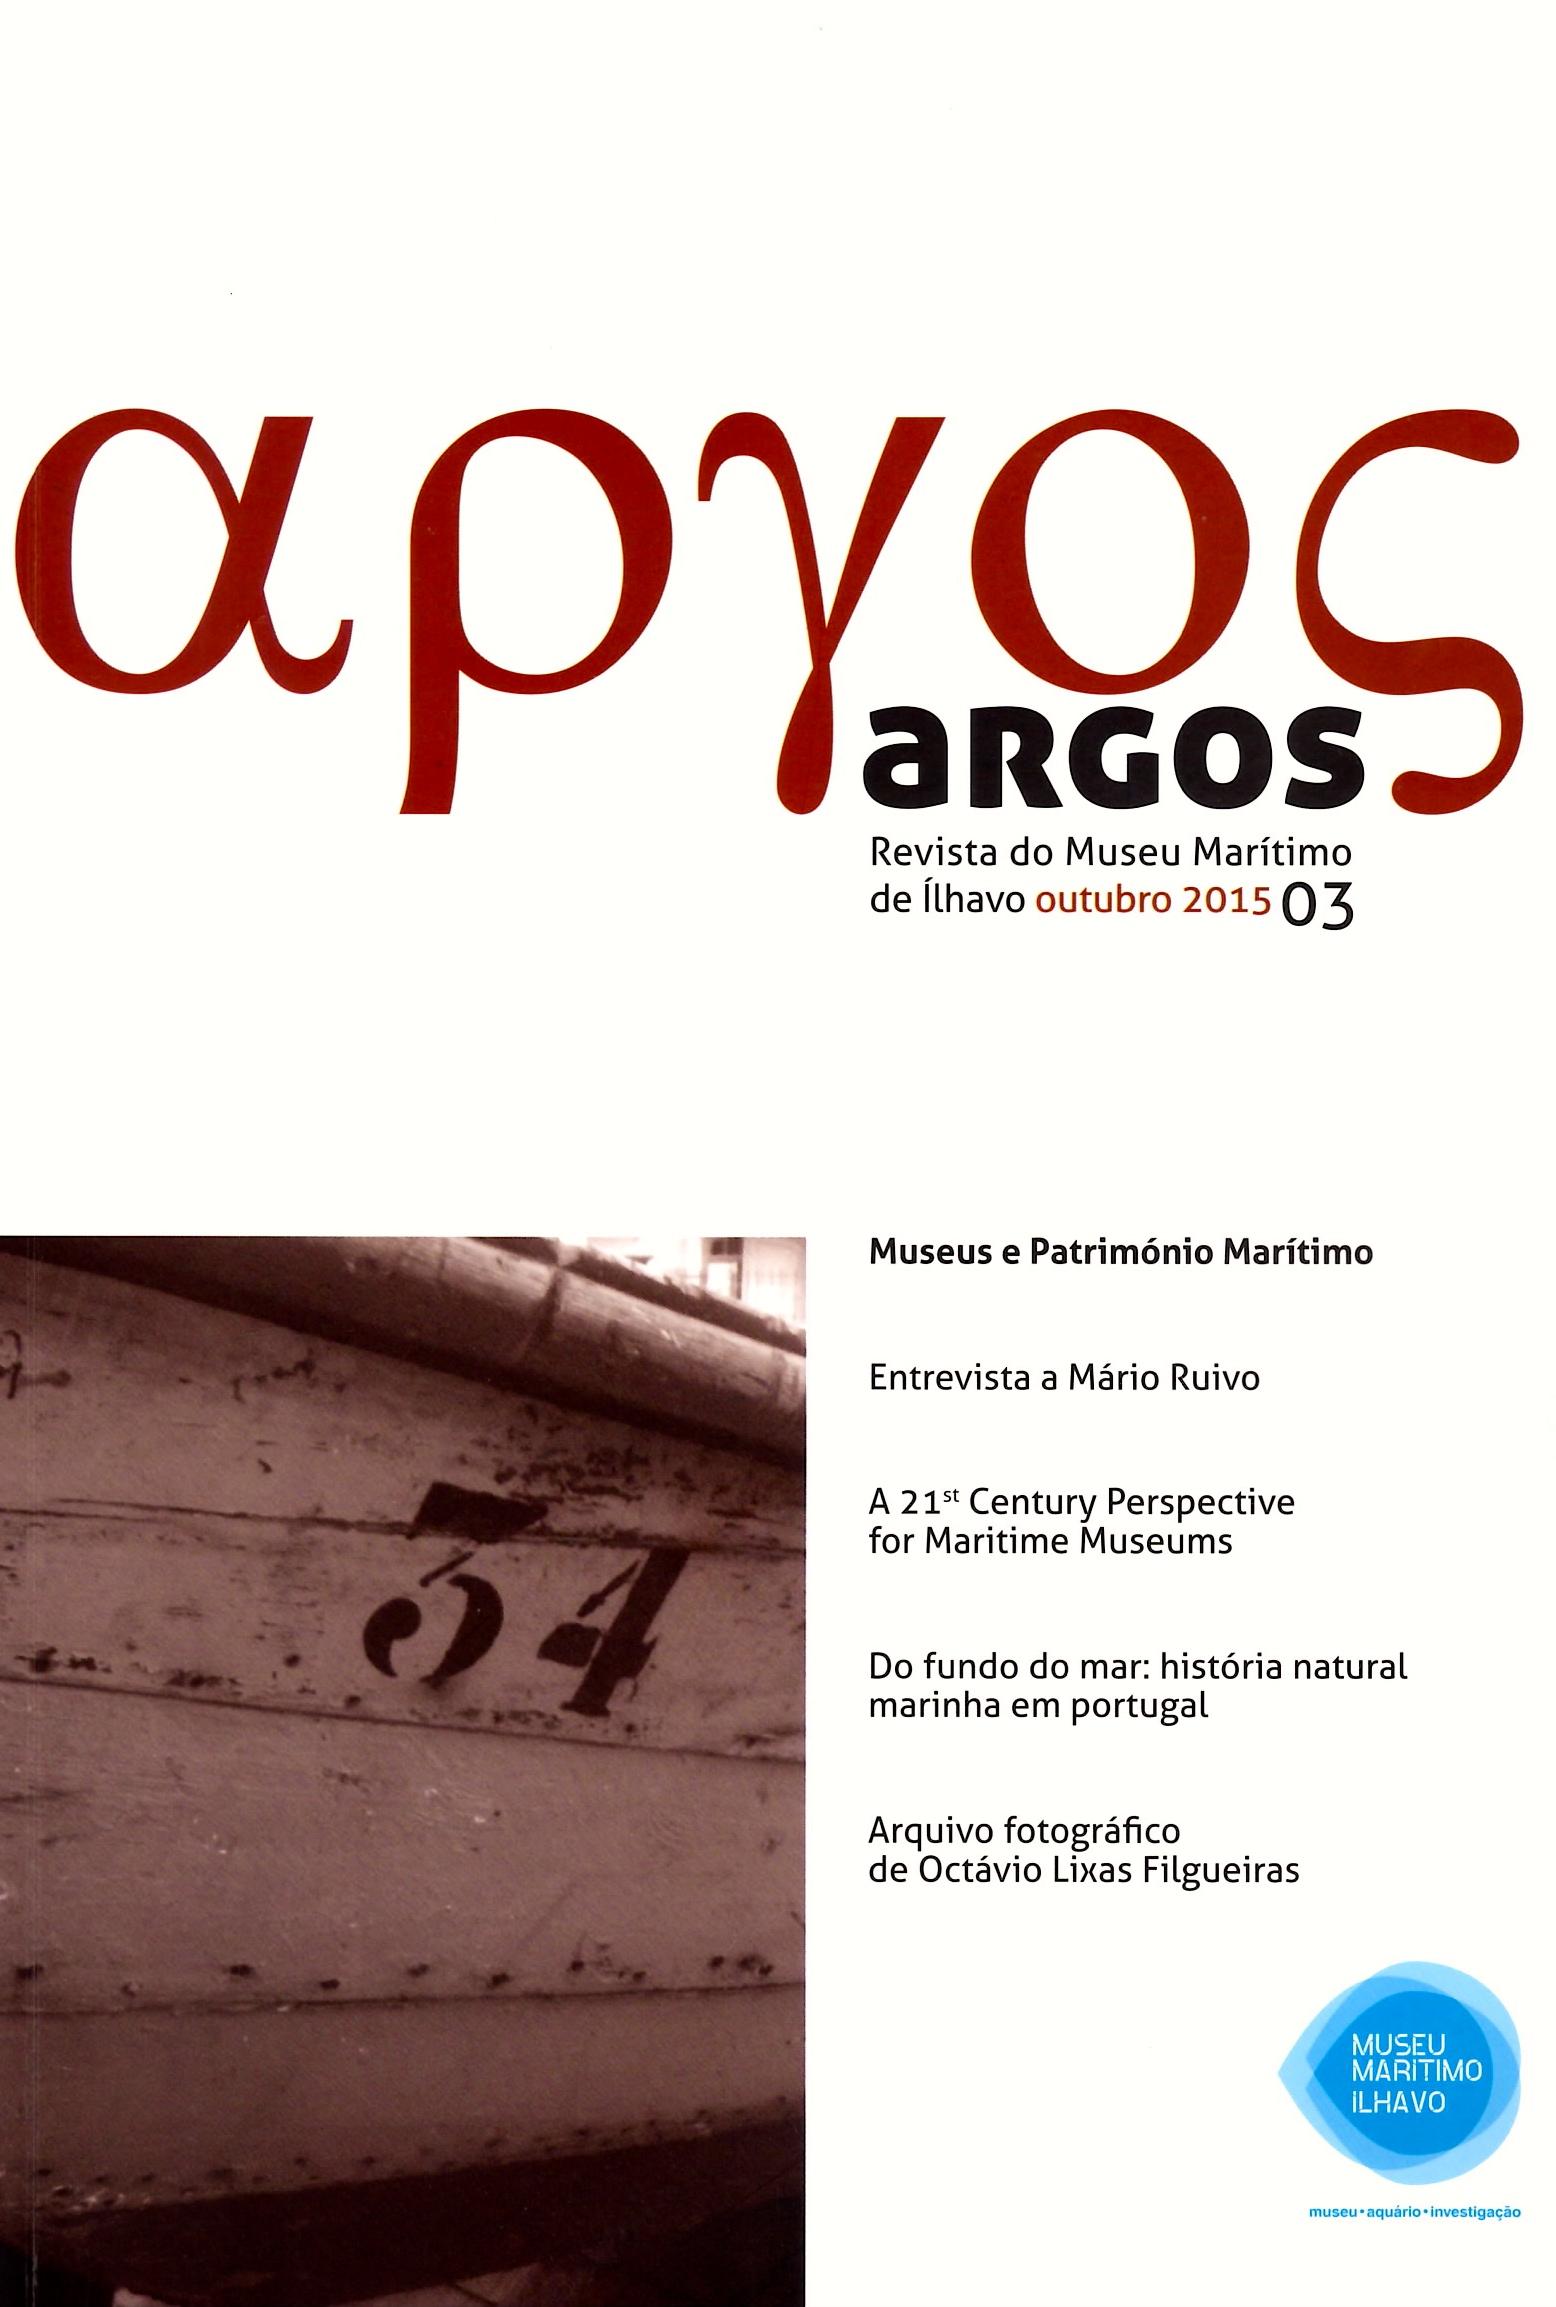 capa da revista número 3, onde se vê pequena imagem de pormenor de embarcação com o número 34